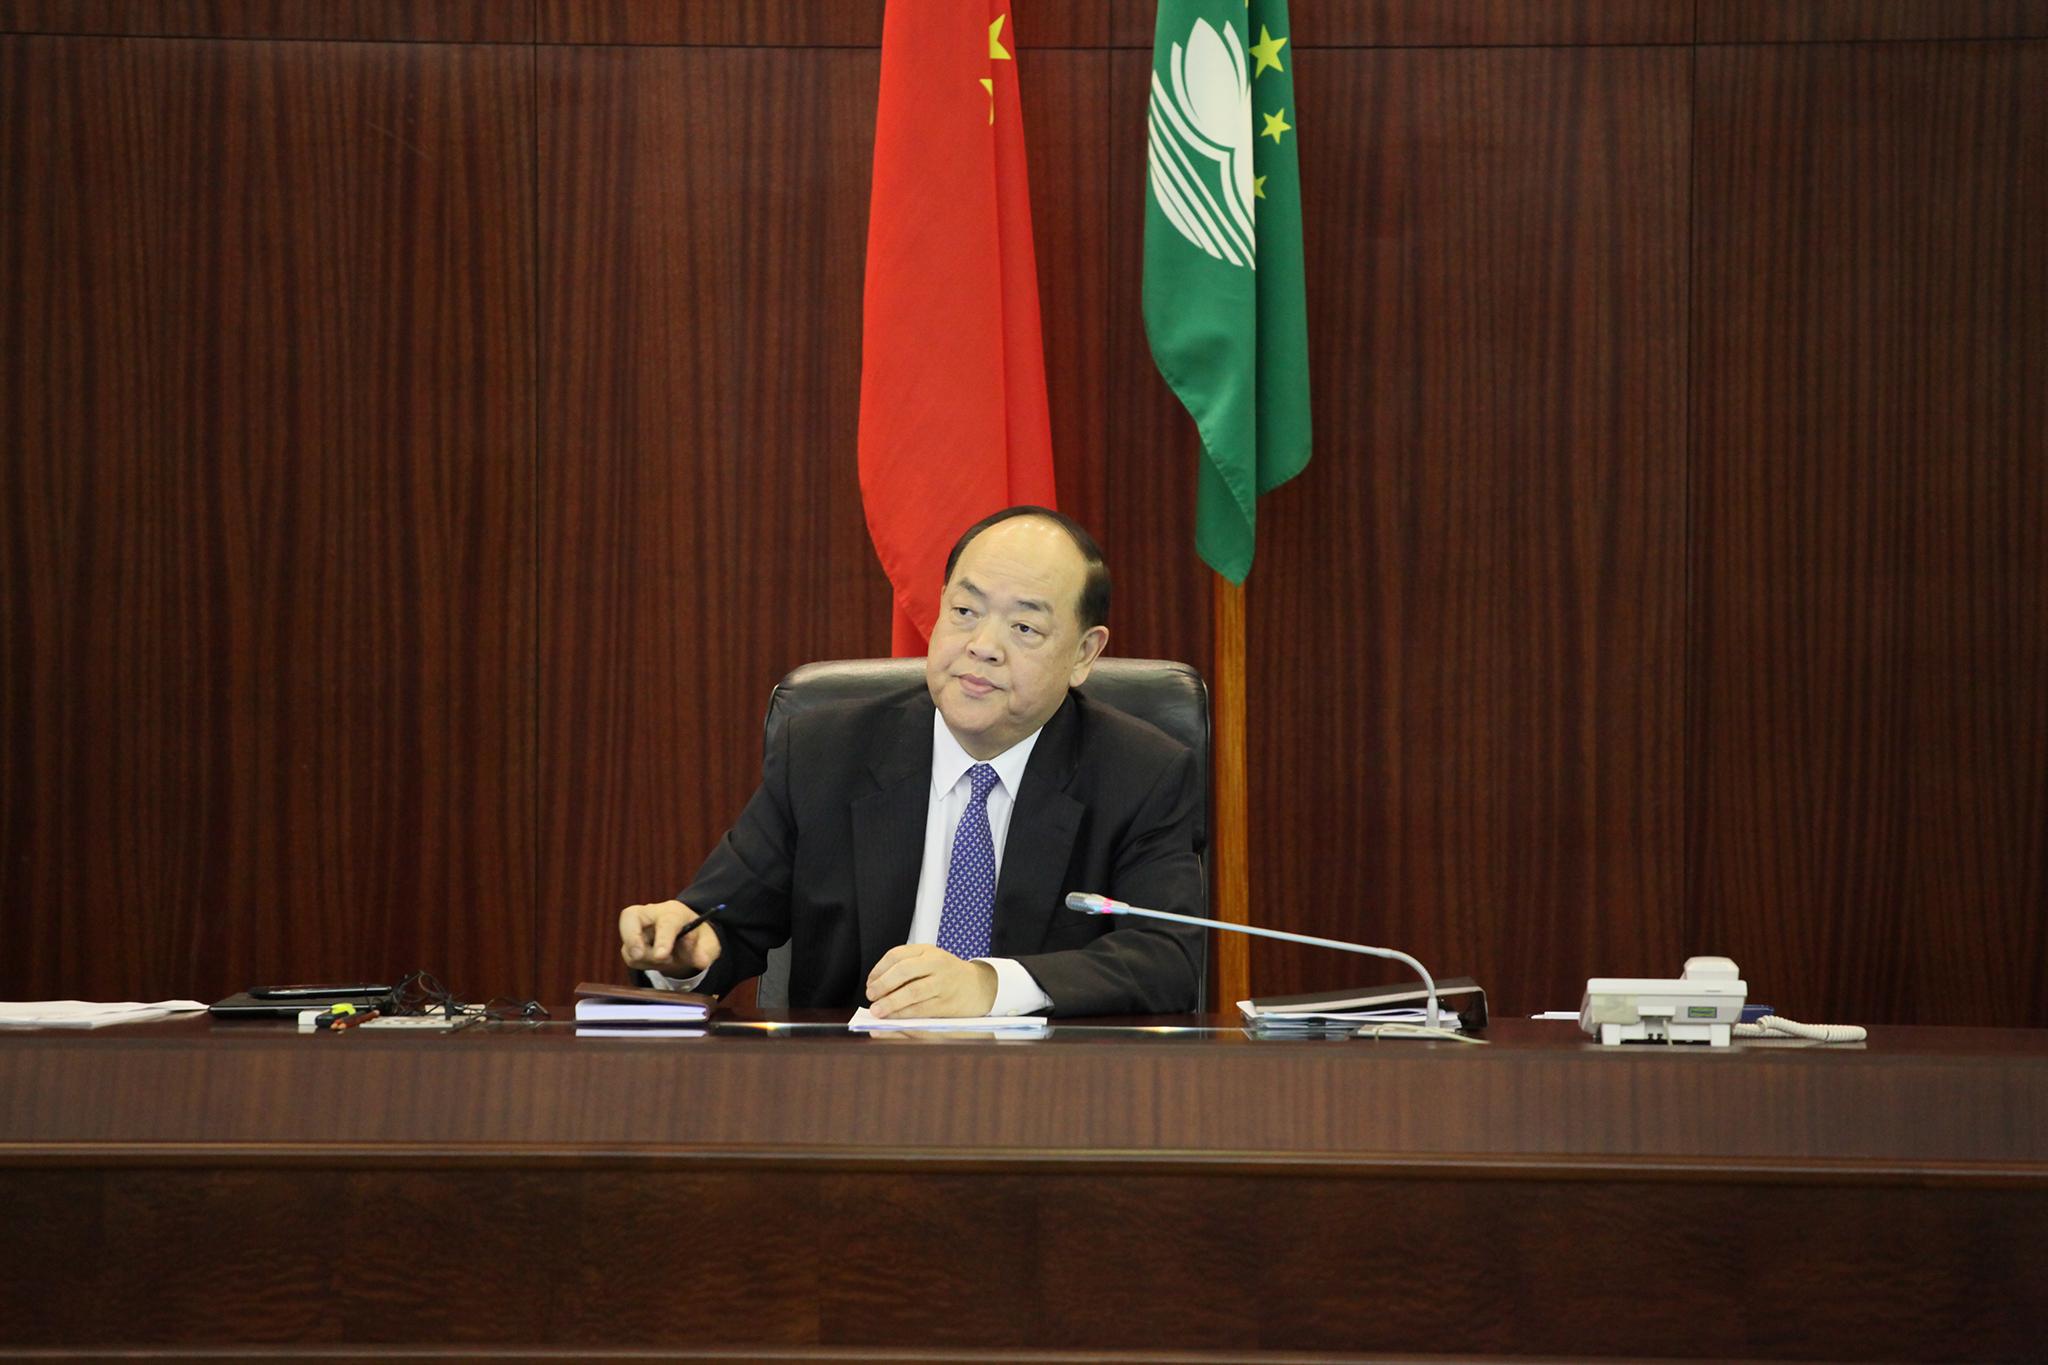 Presidente da AL recusa comentar efeito de doença na candidatura a Chefe do Executivo